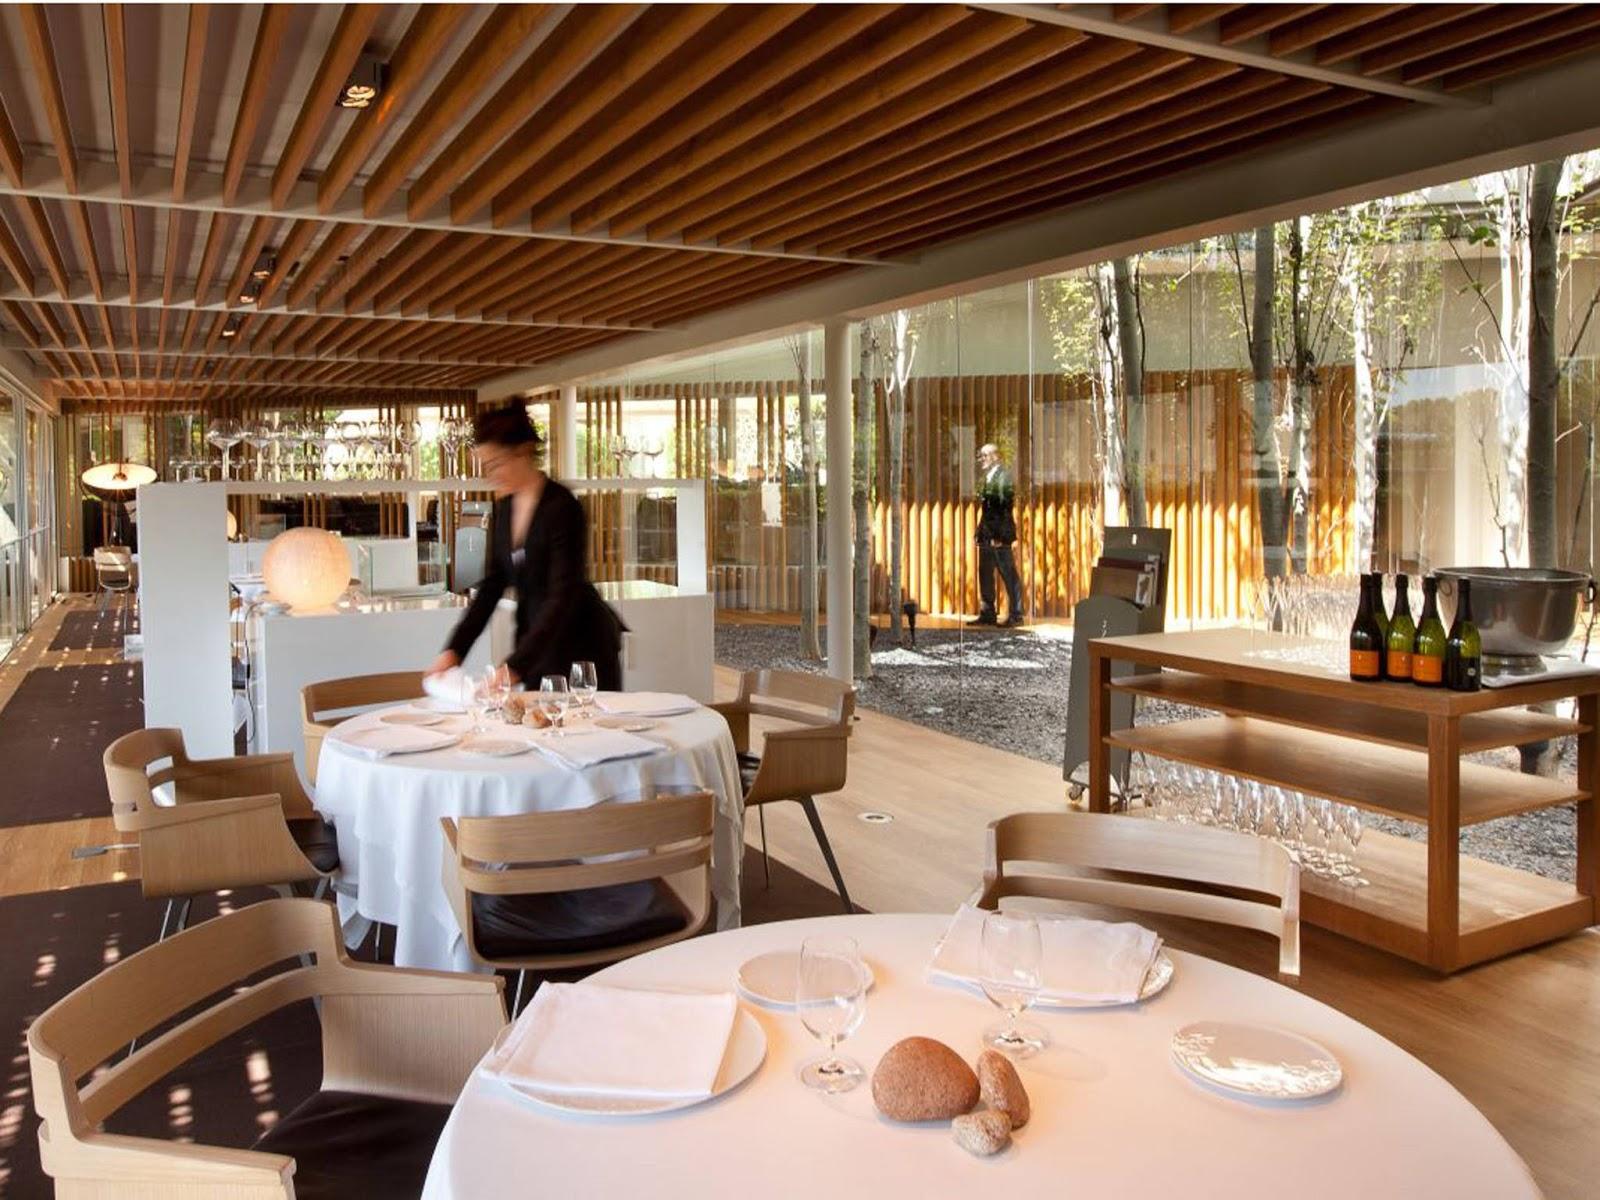 Passion For Luxury El Celler de Can Roca best restaurant  : El Celler de Can Roca from passion4luxury.blogspot.com size 1600 x 1200 jpeg 330kB